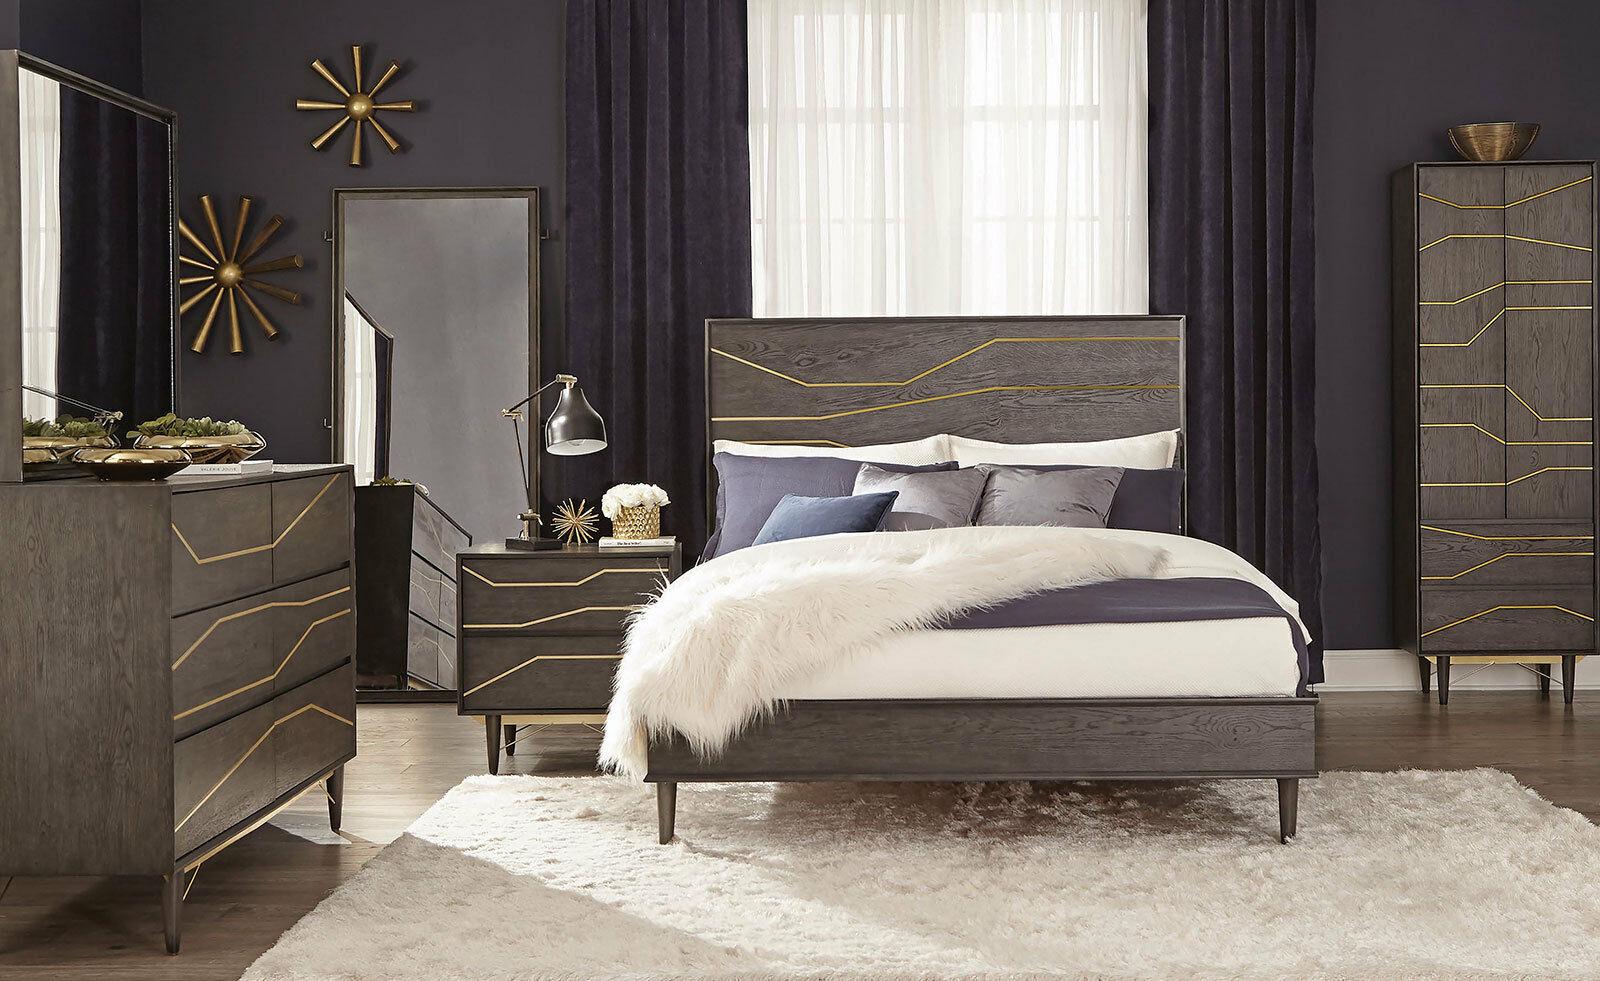 New westin modern gray mahogany 5 pieces bedroom furniture - Mahogany bedroom furniture contemporary ...